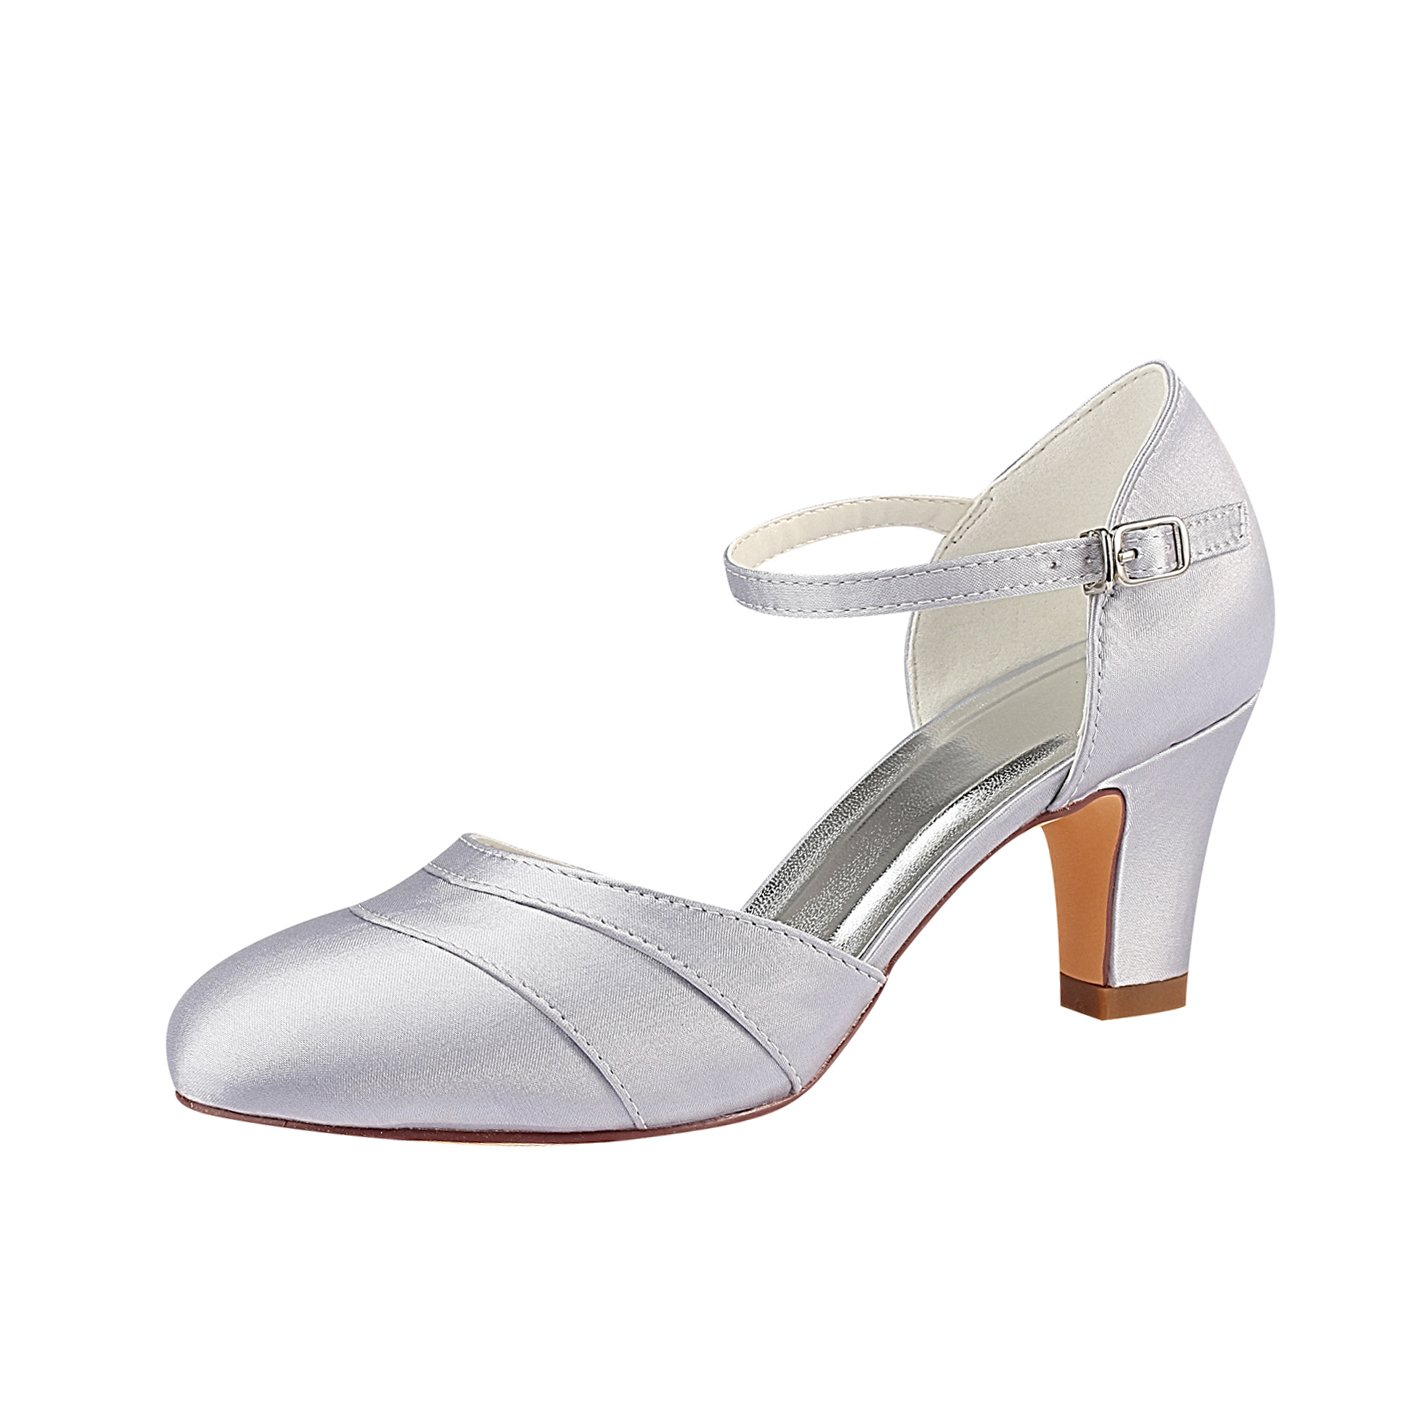 Emily Bridal Zapatos Nupciales Las Mujeres de Seda como Satén Tacón de Aguja Cerrado Toe Bombas 36.5 EU|Plata